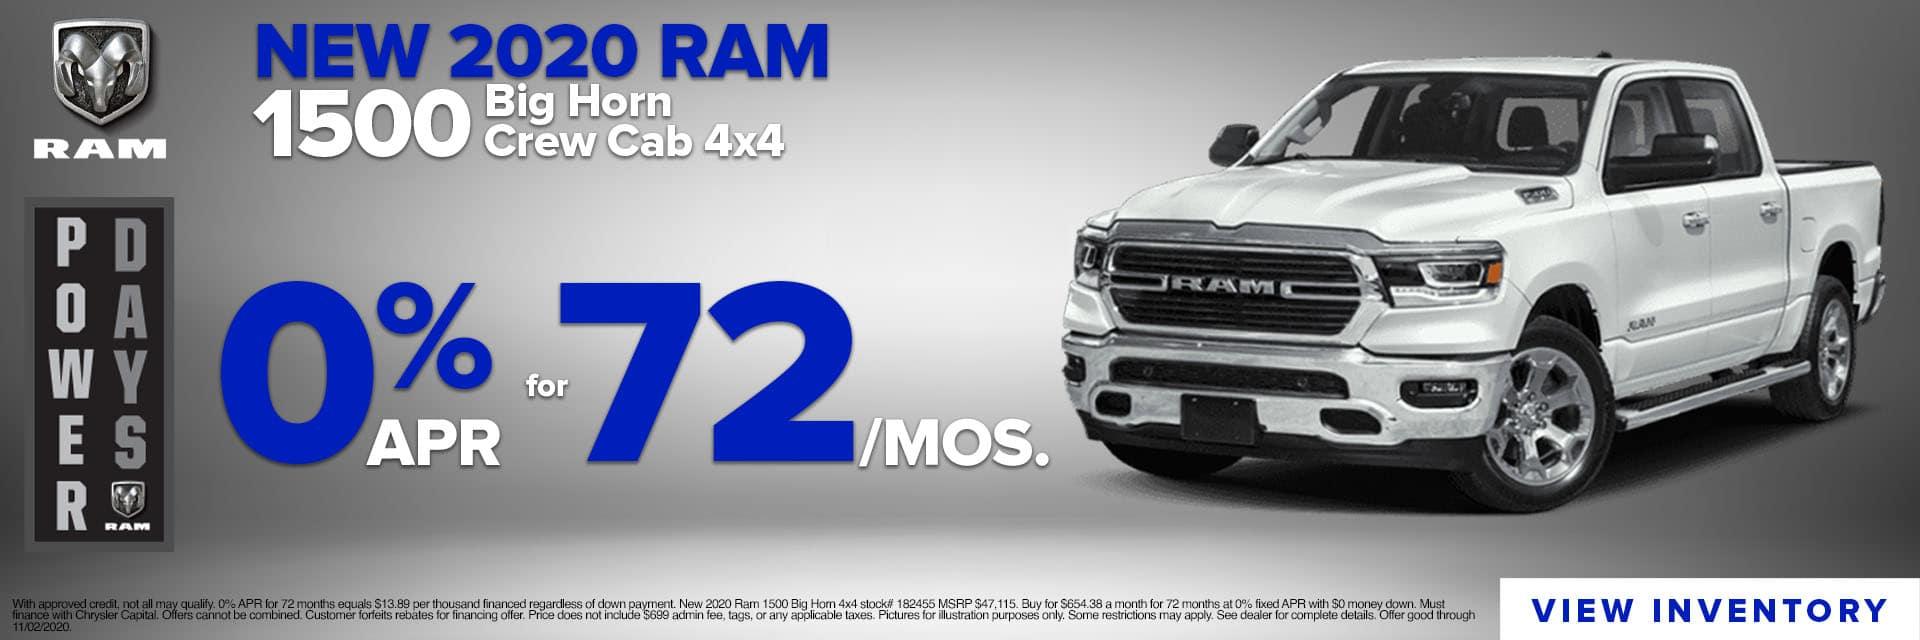 CLGO-October 2020-2020 Ram 1500 Big Horn 4×4 Slider